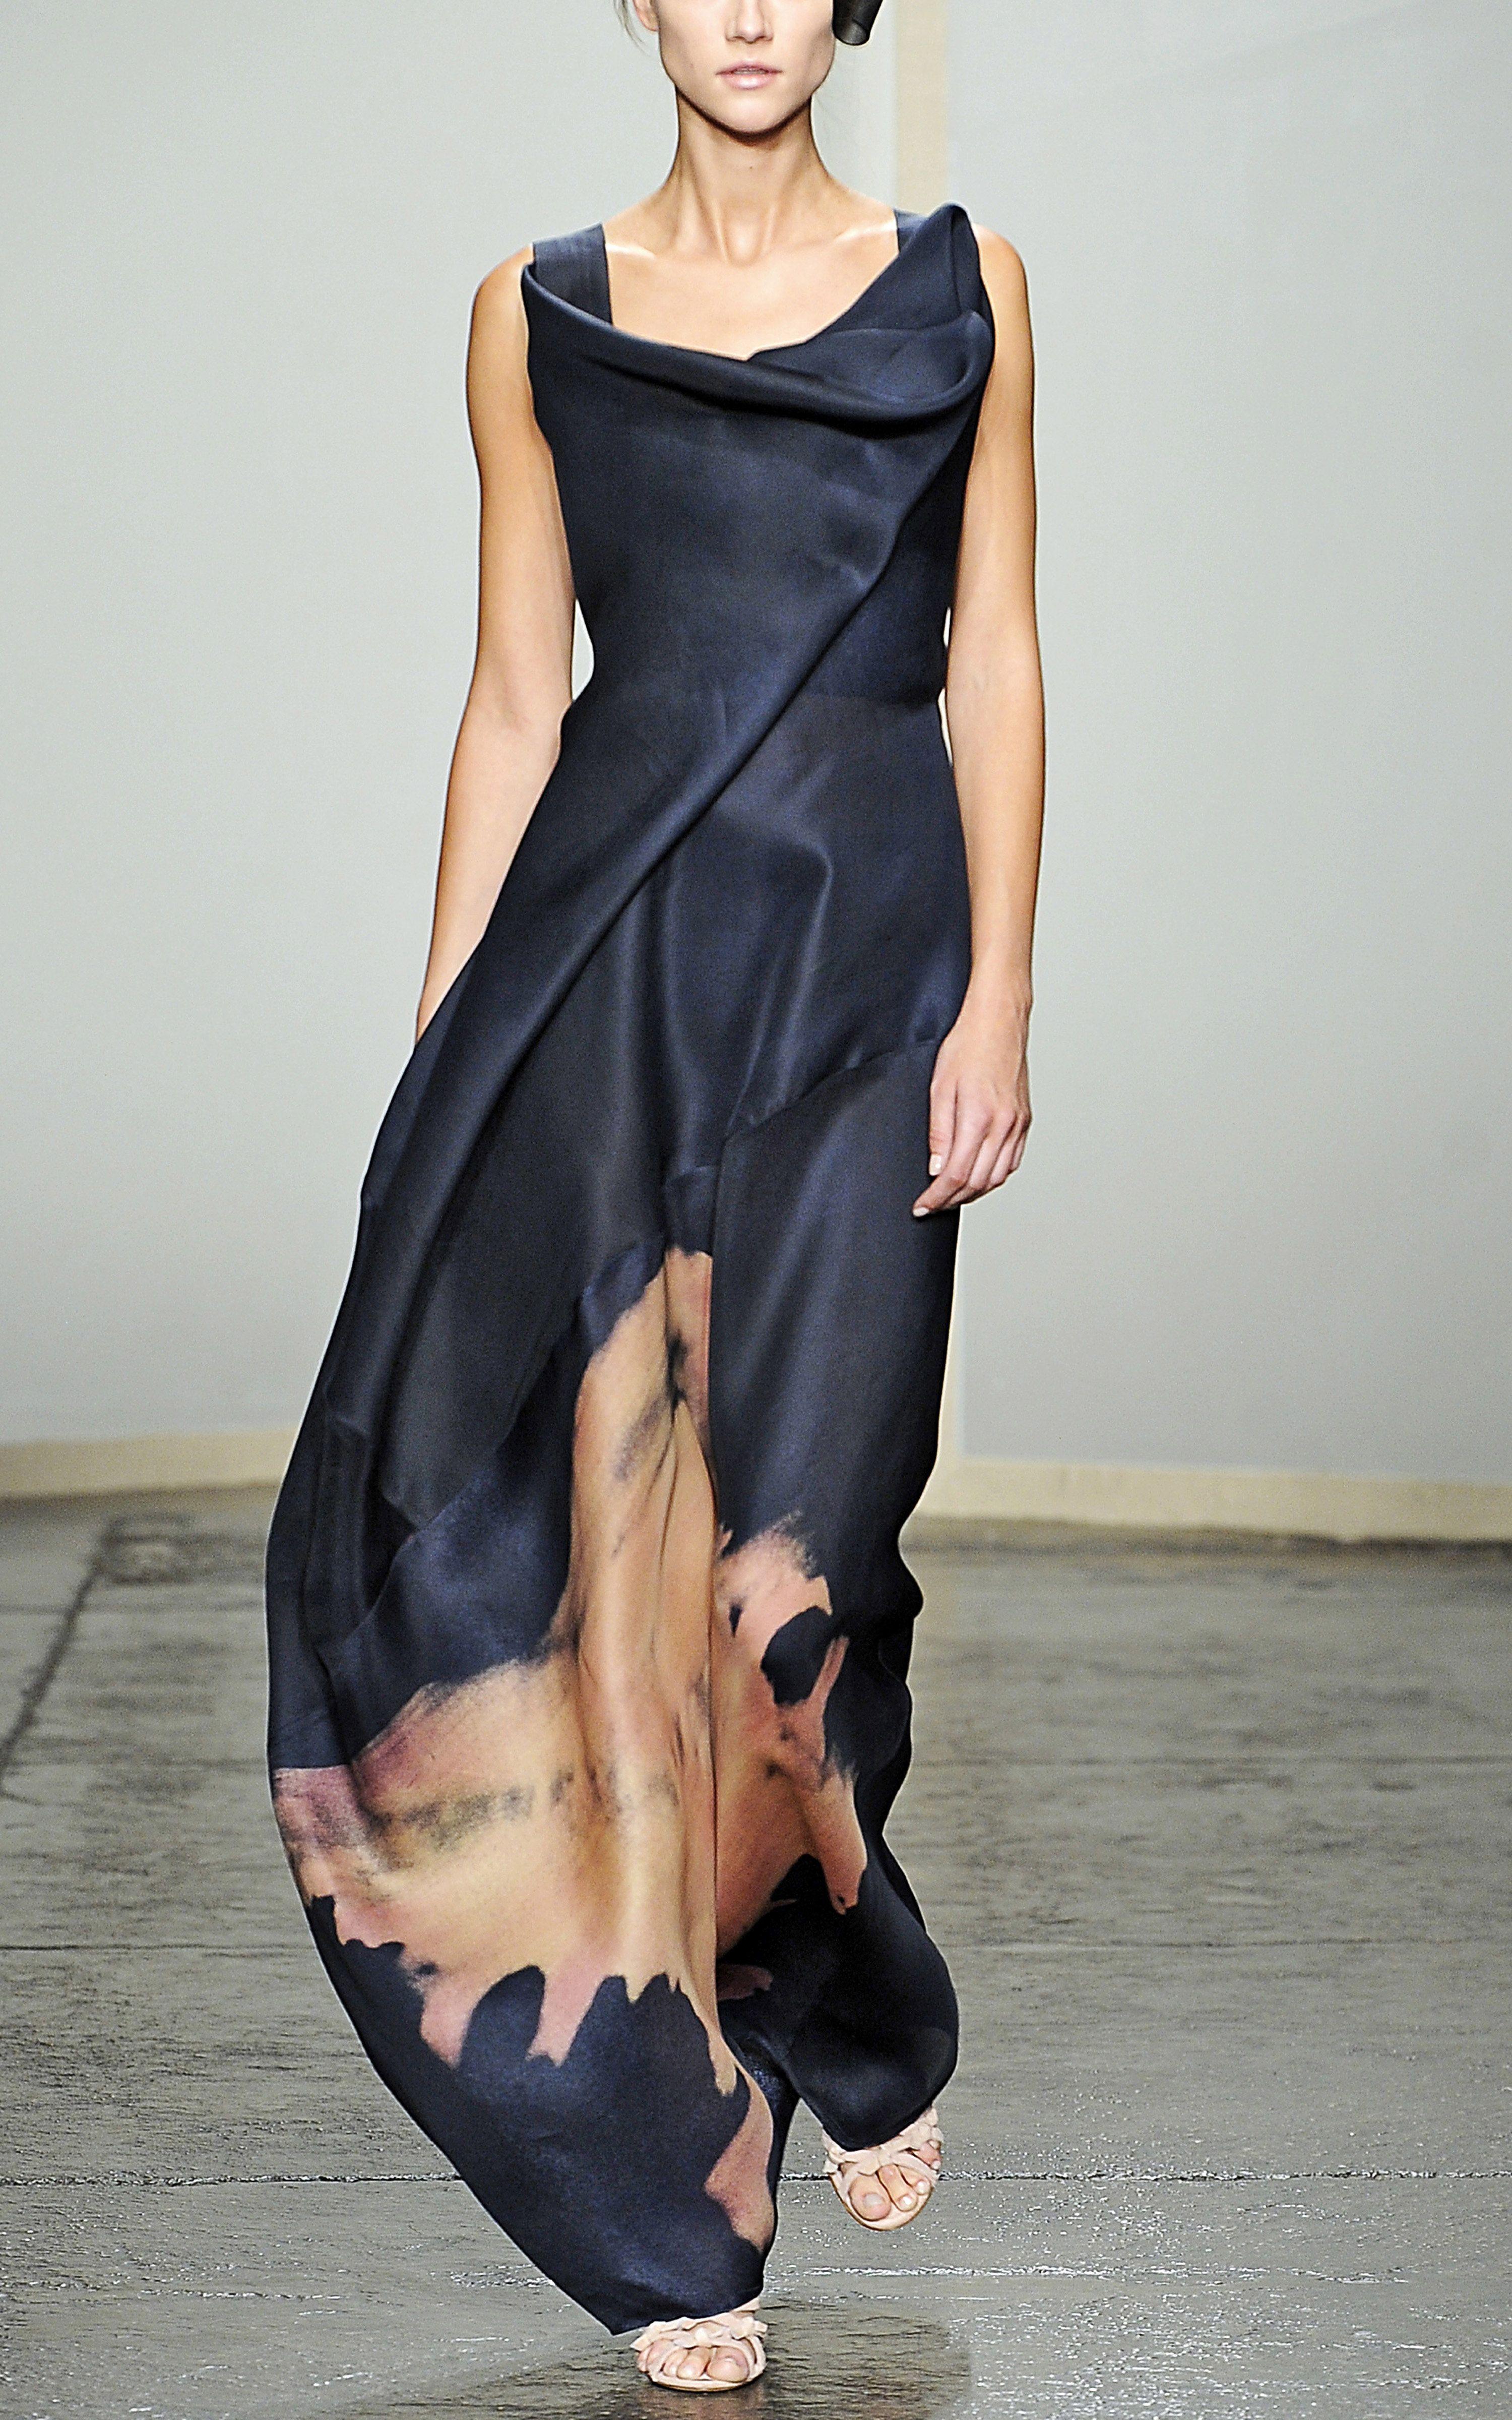 a3423d39c41e Donna Karan New York  Sculpted Neckline Evening Gown